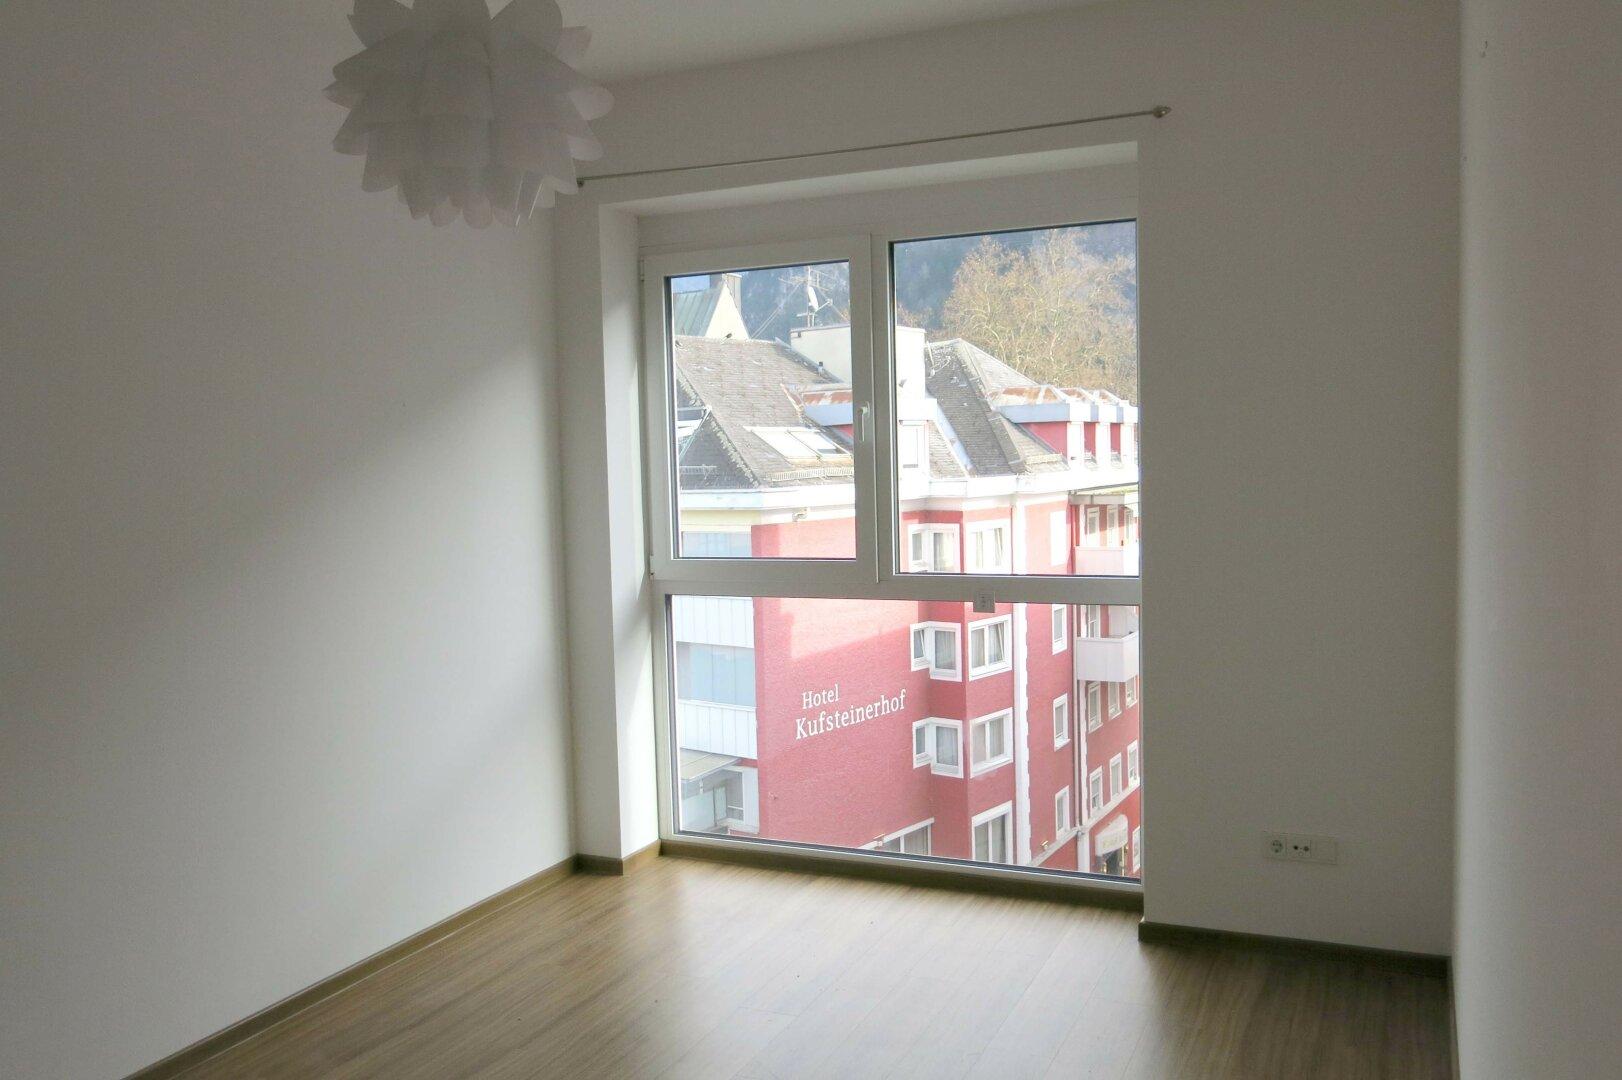 3-Zimmer-Mietwohnung Kufstein Zentrum, Zimmer